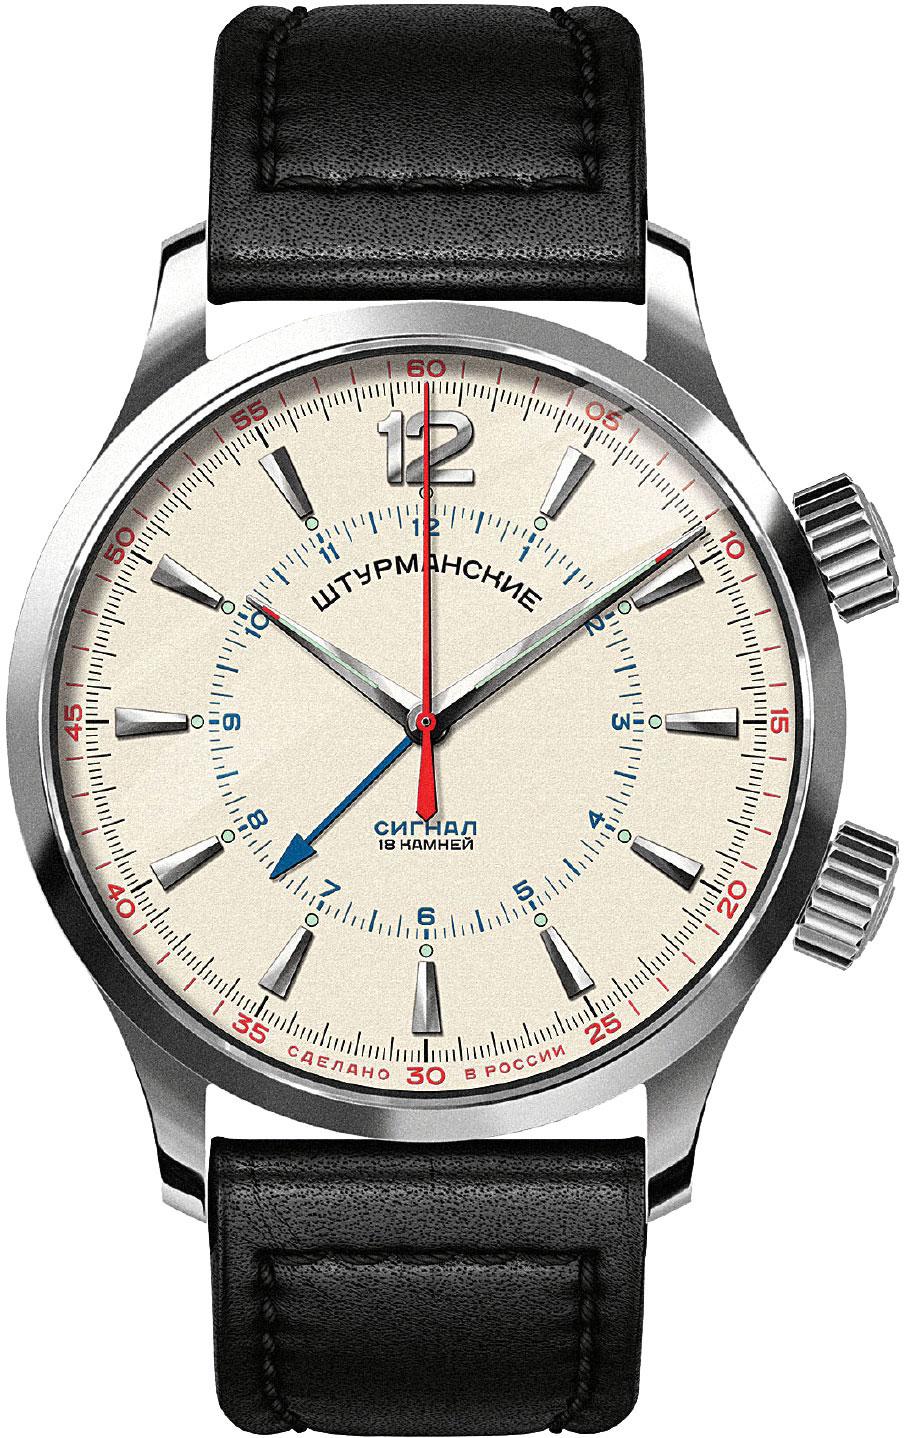 Мужские часы Штурманские 2612-1801731 механизм для наручных часов